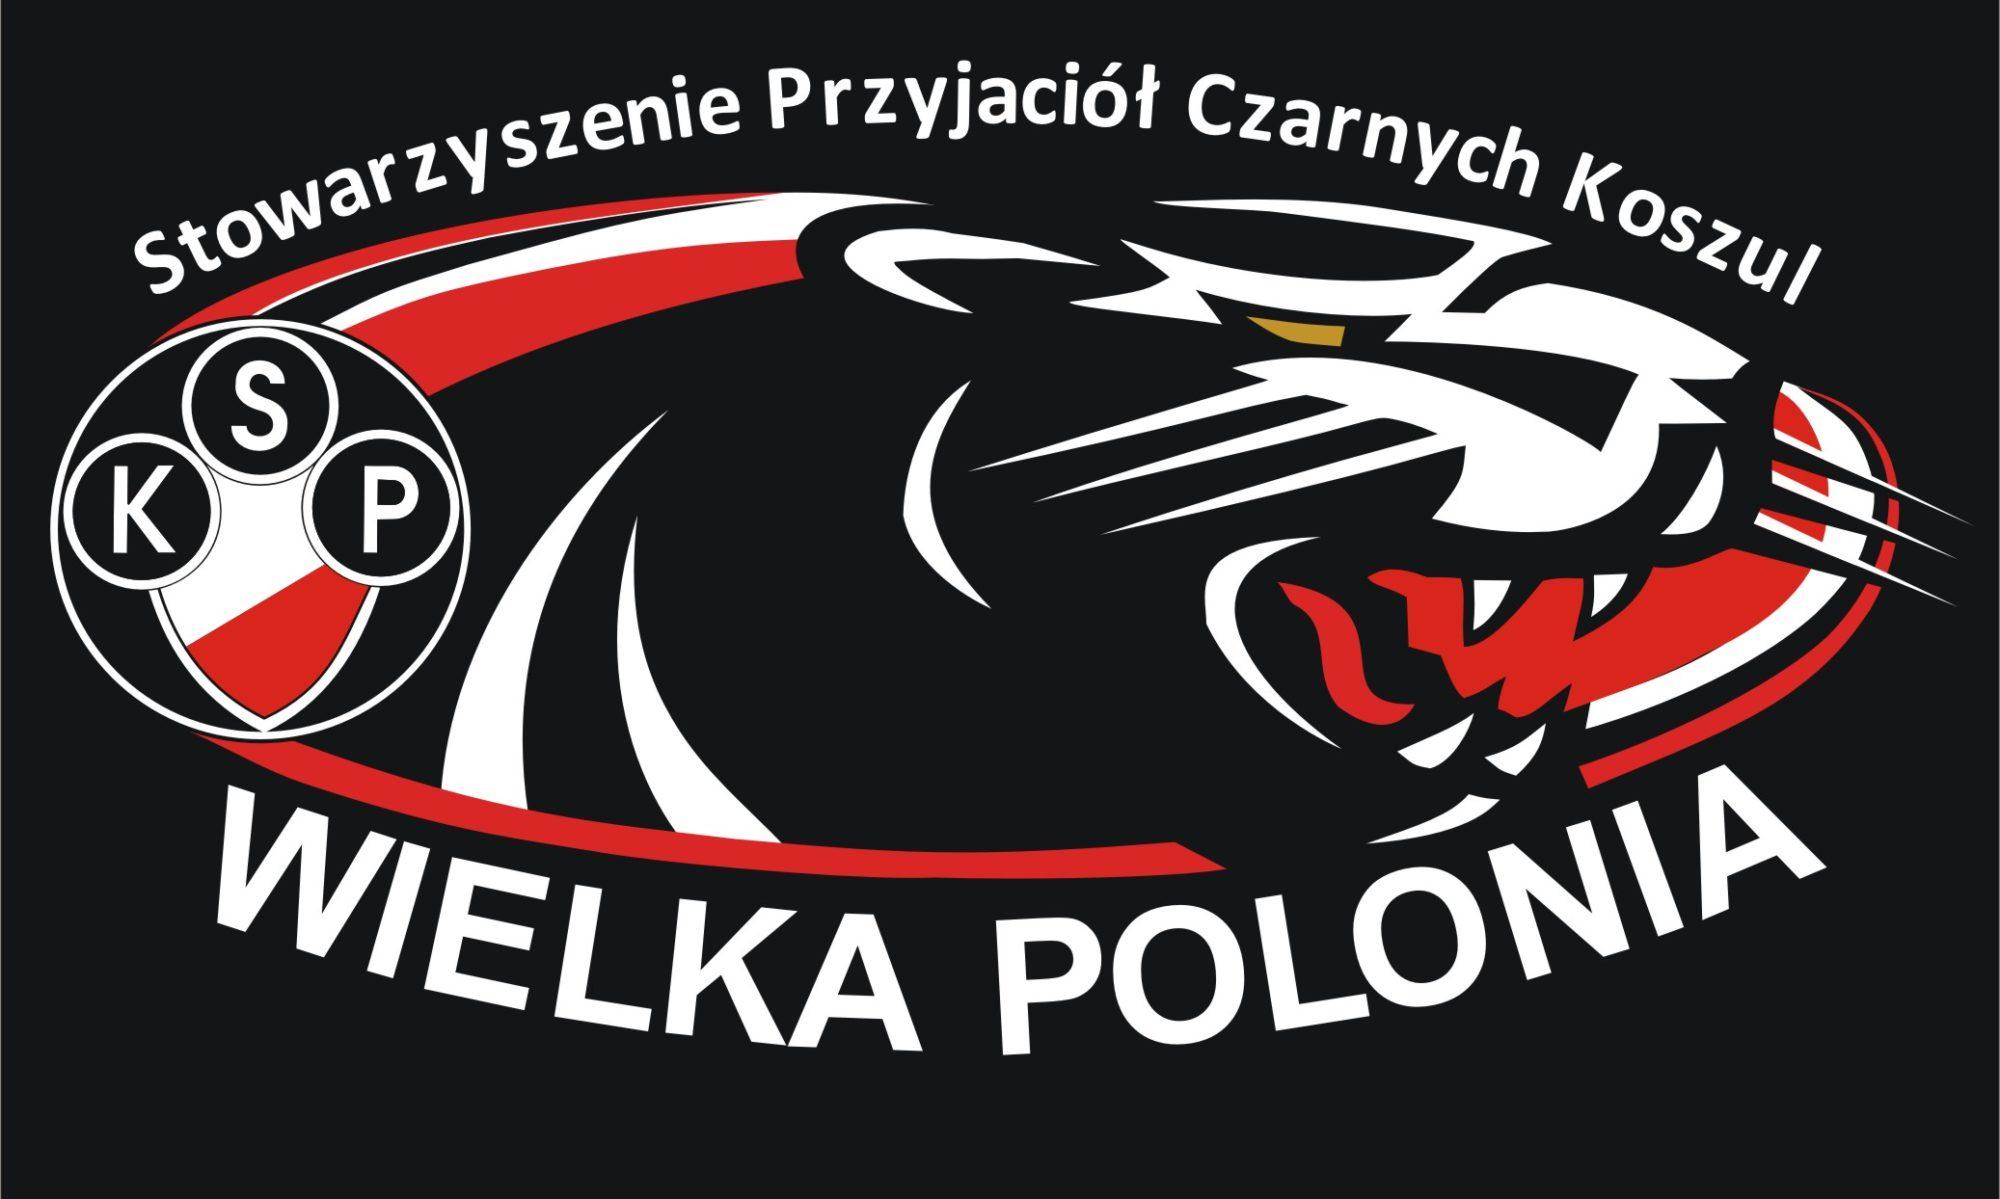 Newsletter Wielkiej Polonii